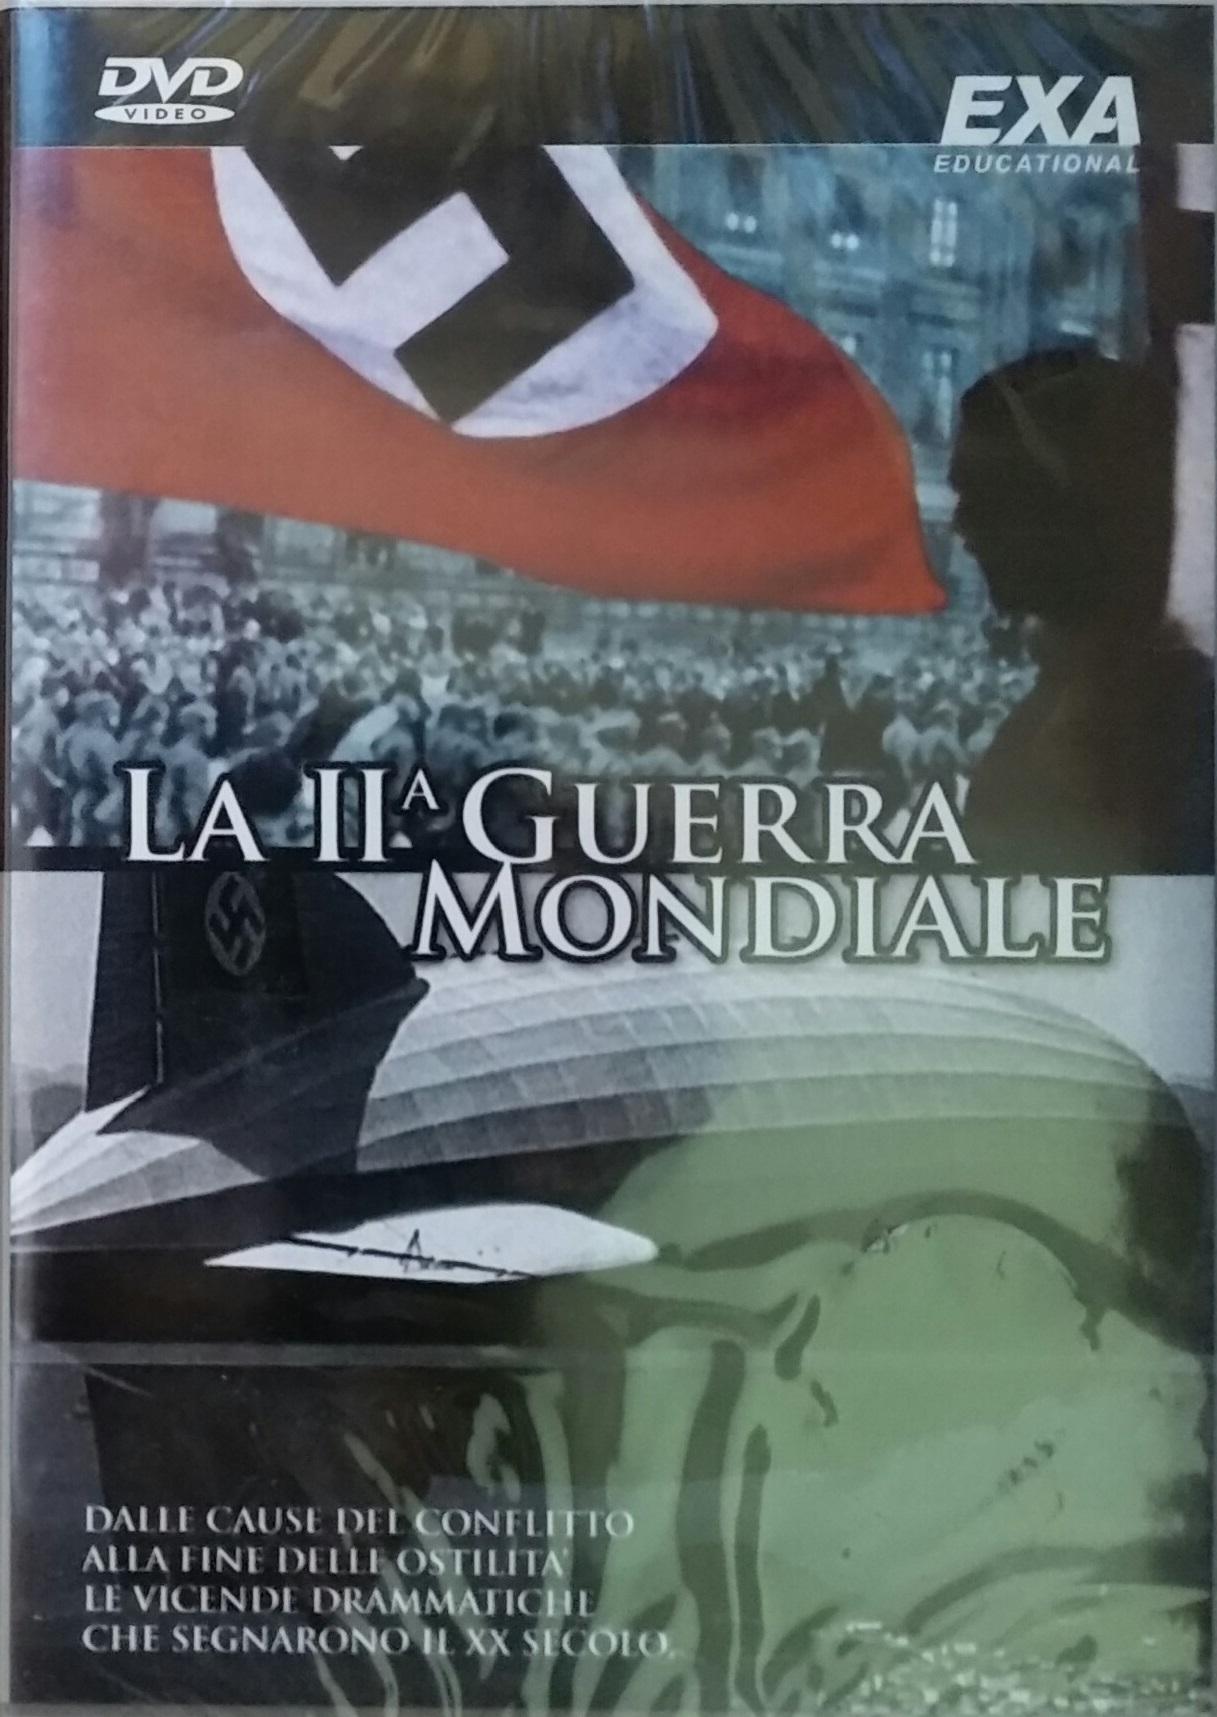 Dvd Documentario: La Seconda Guerra Mondiale by Exa